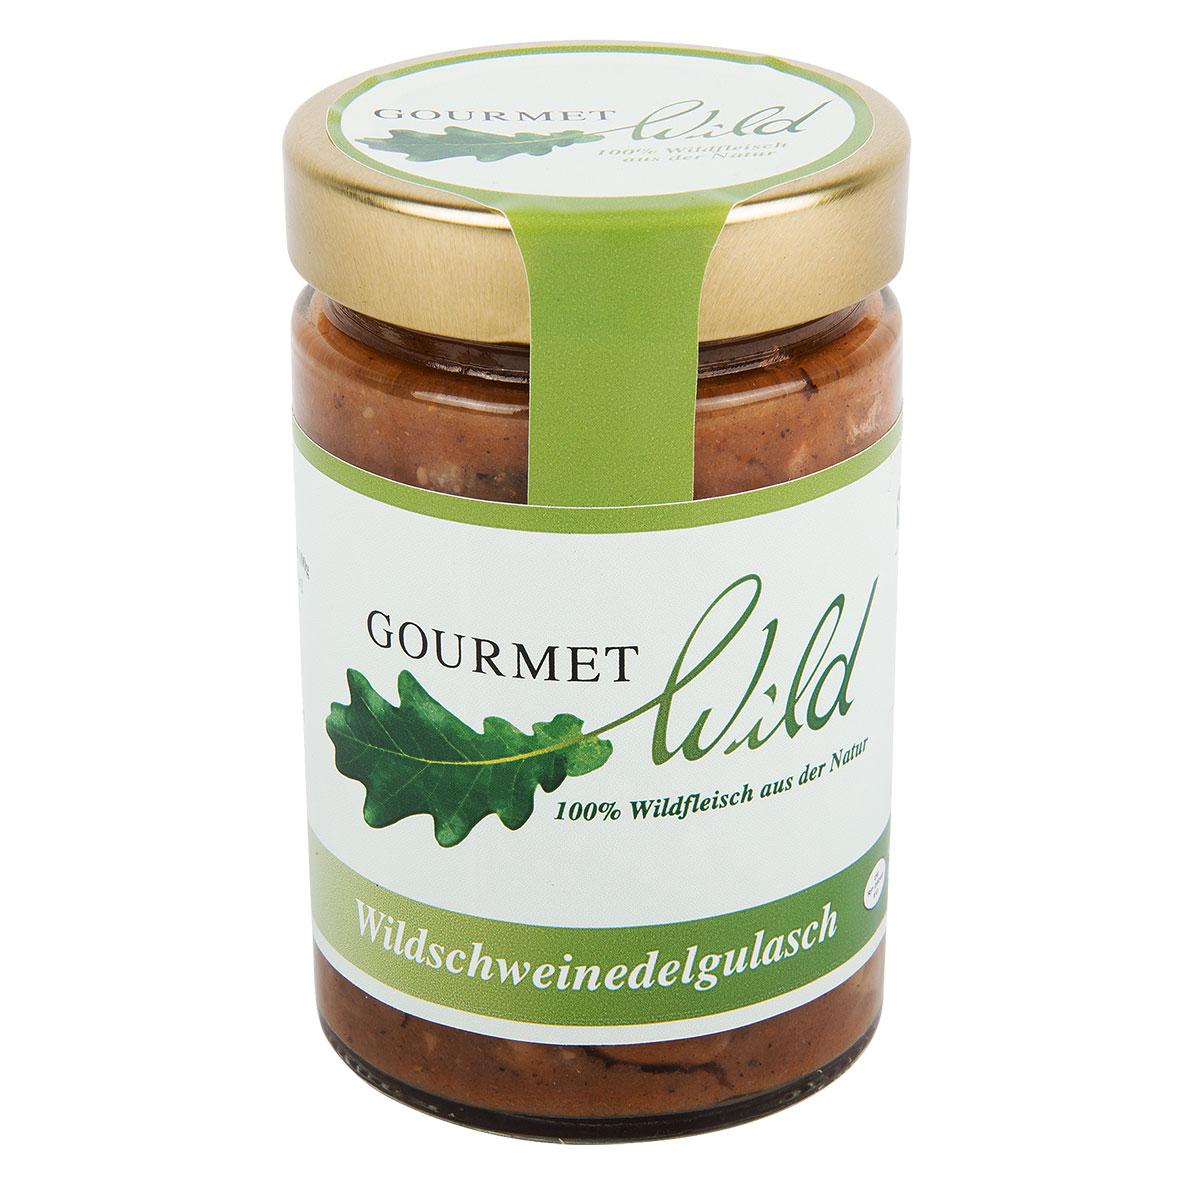 GOURMET WILD - Wildschwein-Edelgulasch im Pareyshop